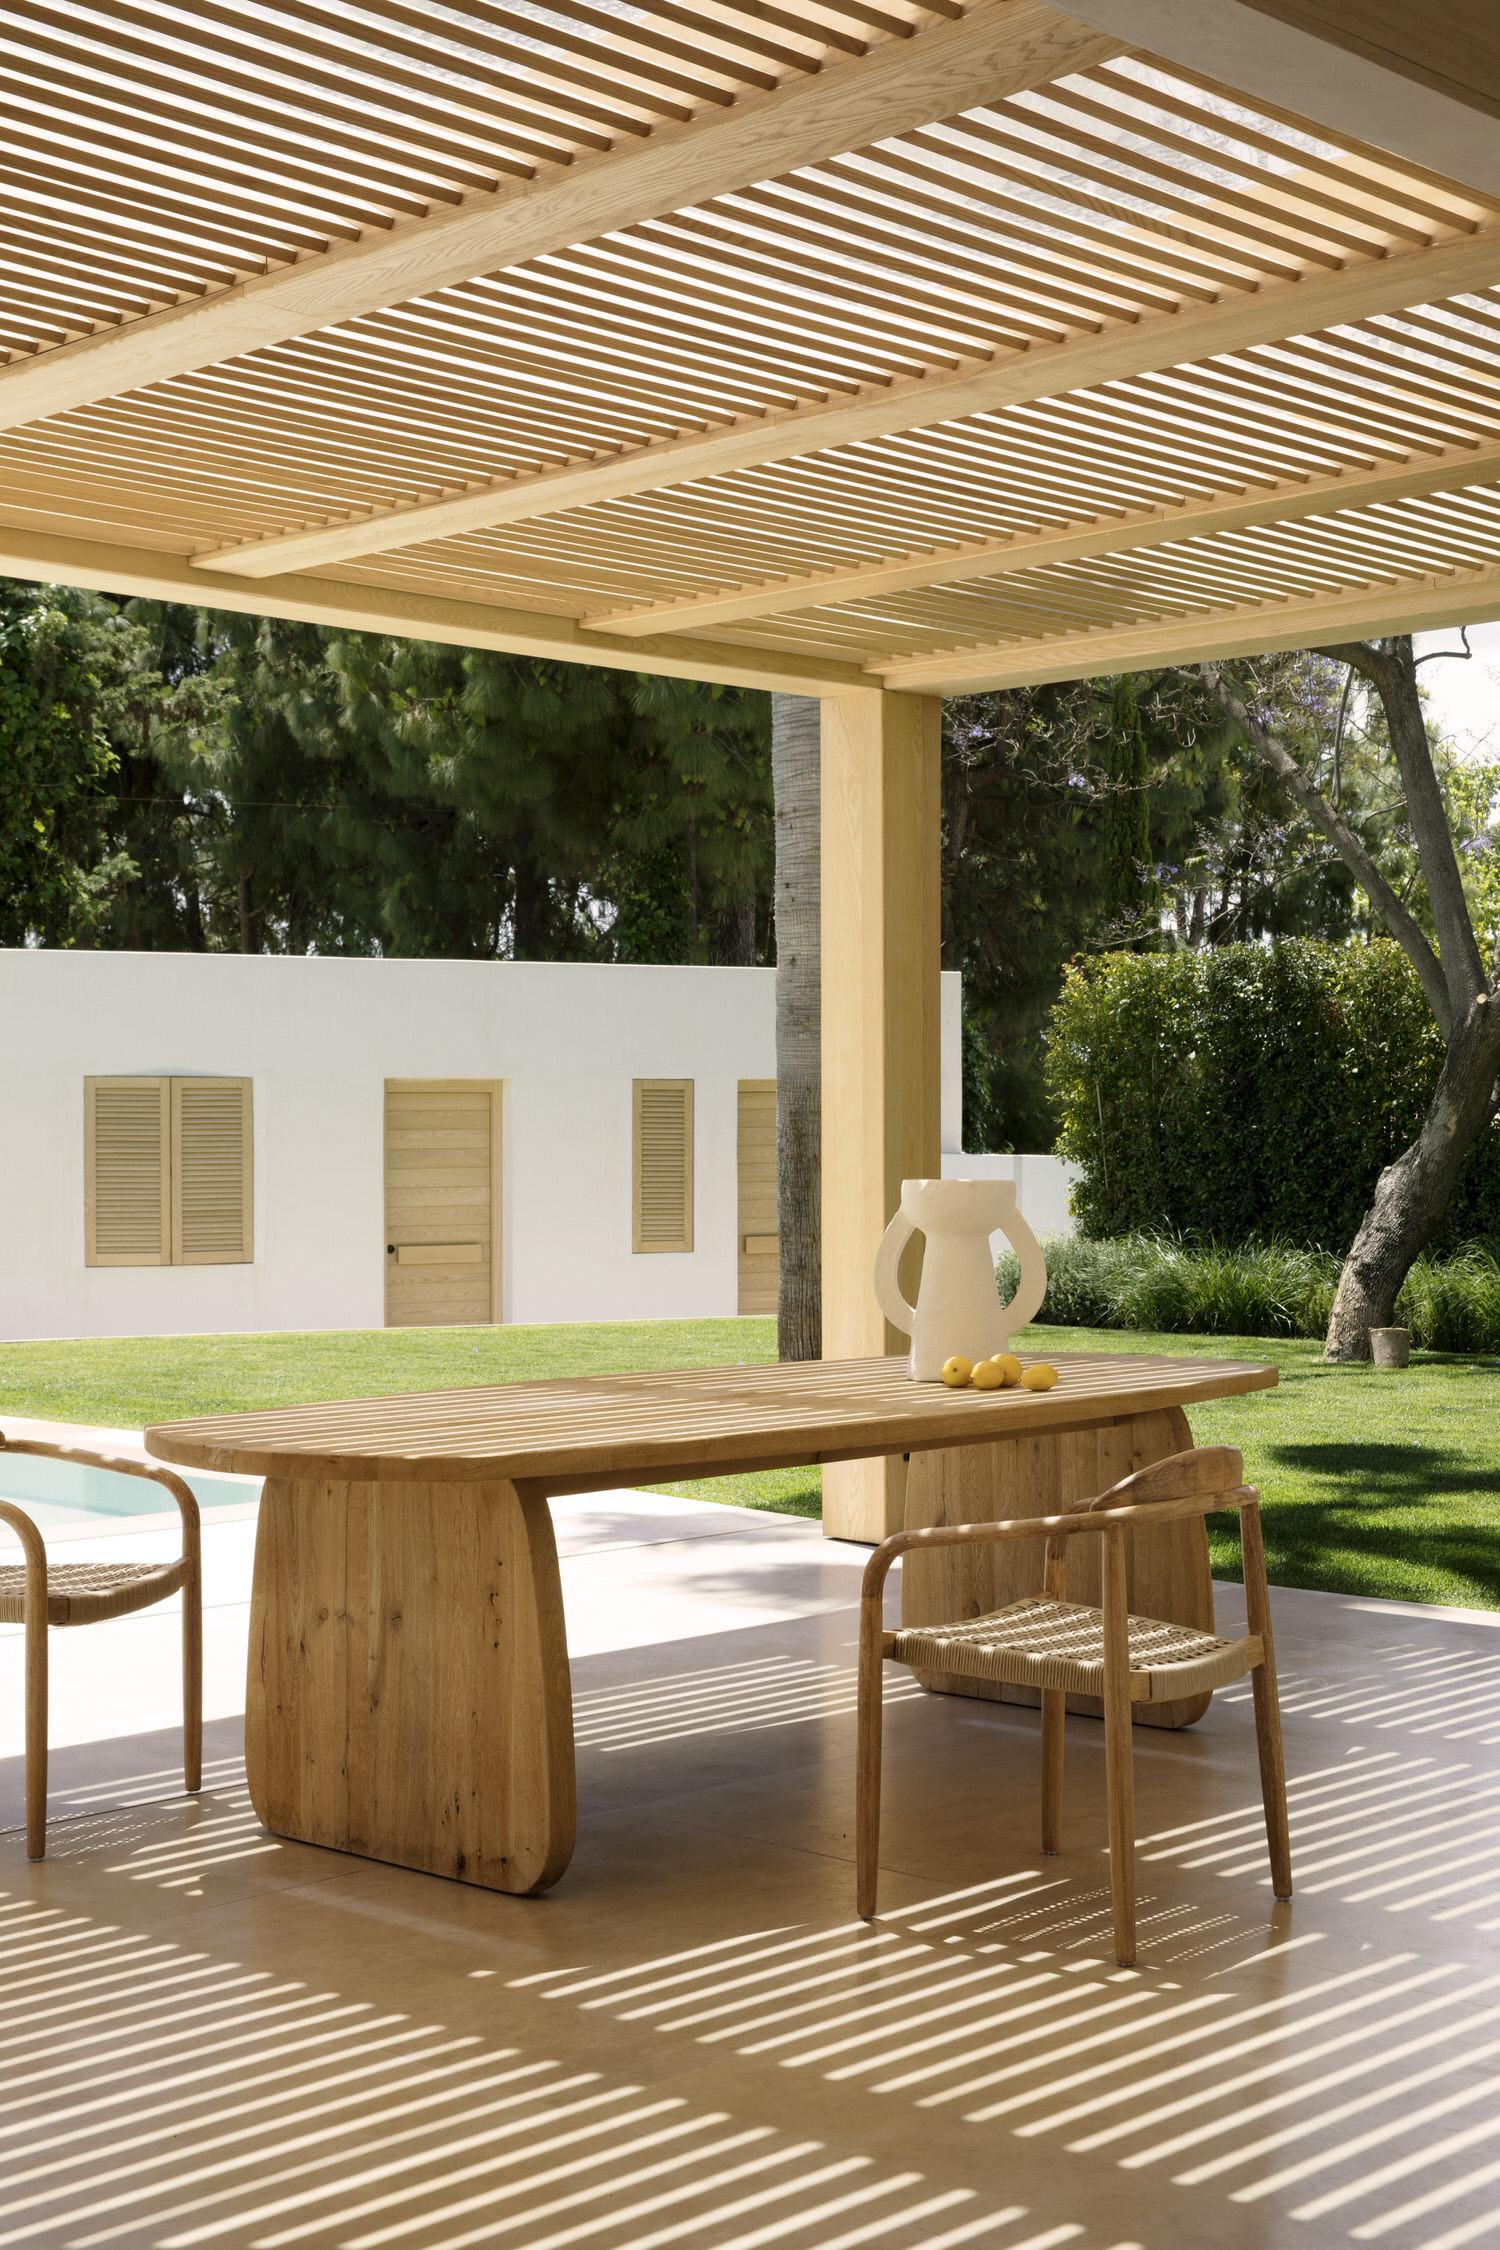 Febrero Studio Casa Marbella Spanish Architecture Photo German Saiz Yellowtrace 09